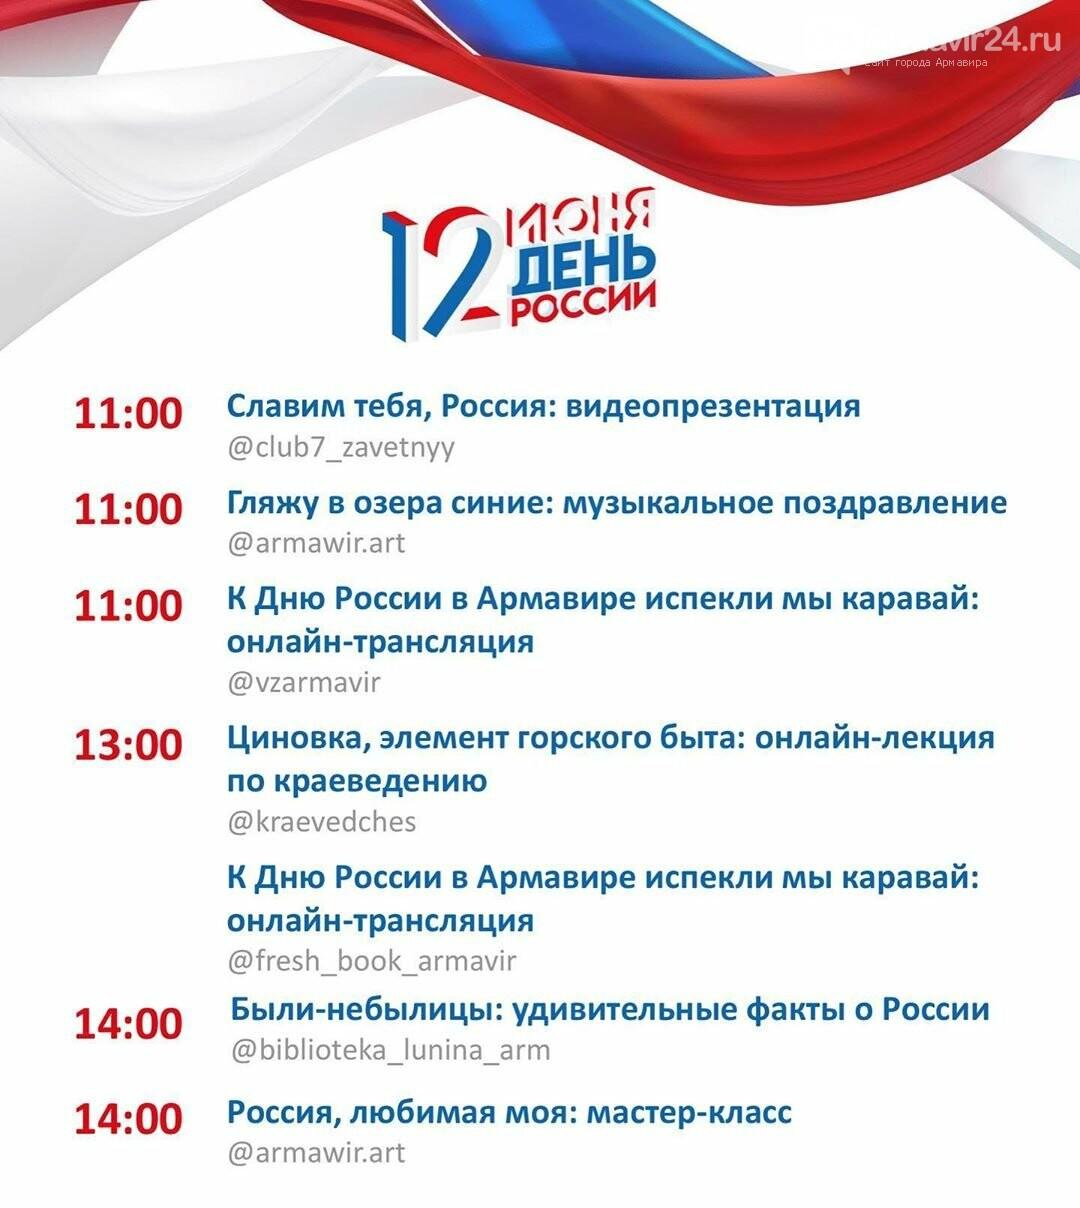 Песнями, танцами и пирогами предлагают армавирцам отпраздновать День России, фото-3